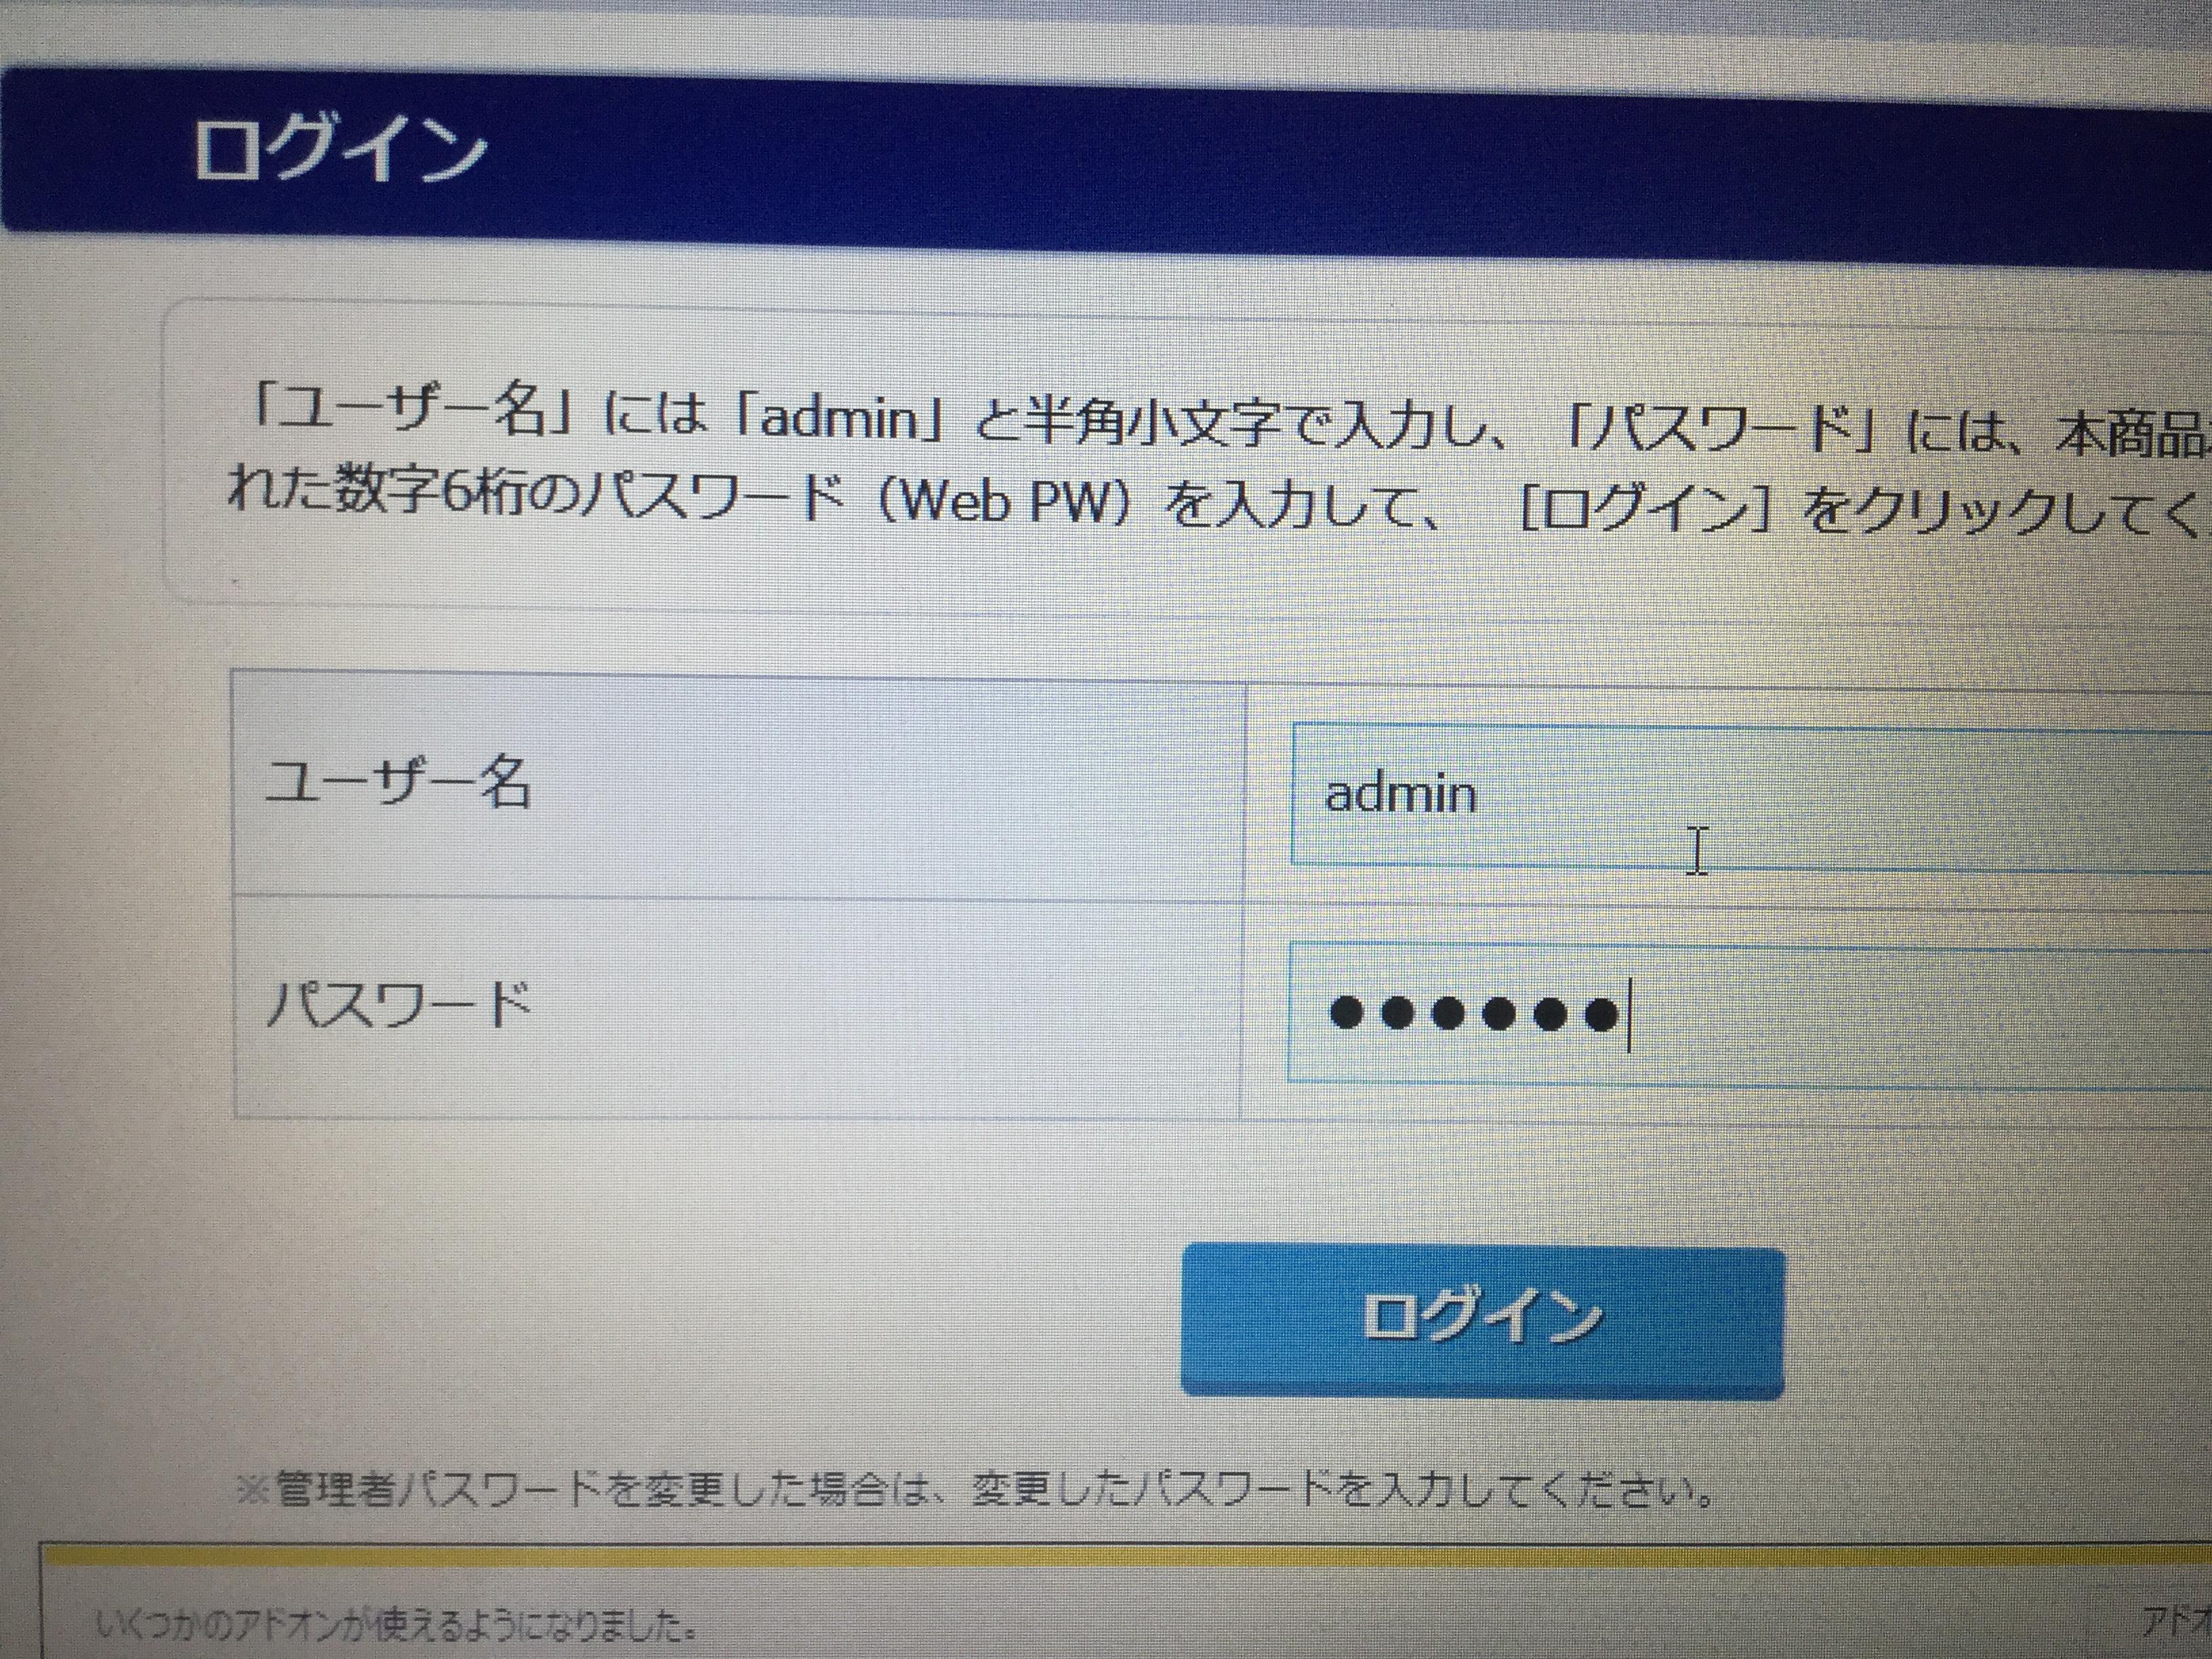 広島県広島市 ノートパソコンの初期設定/NEC Windows 8.1/8のイメージ